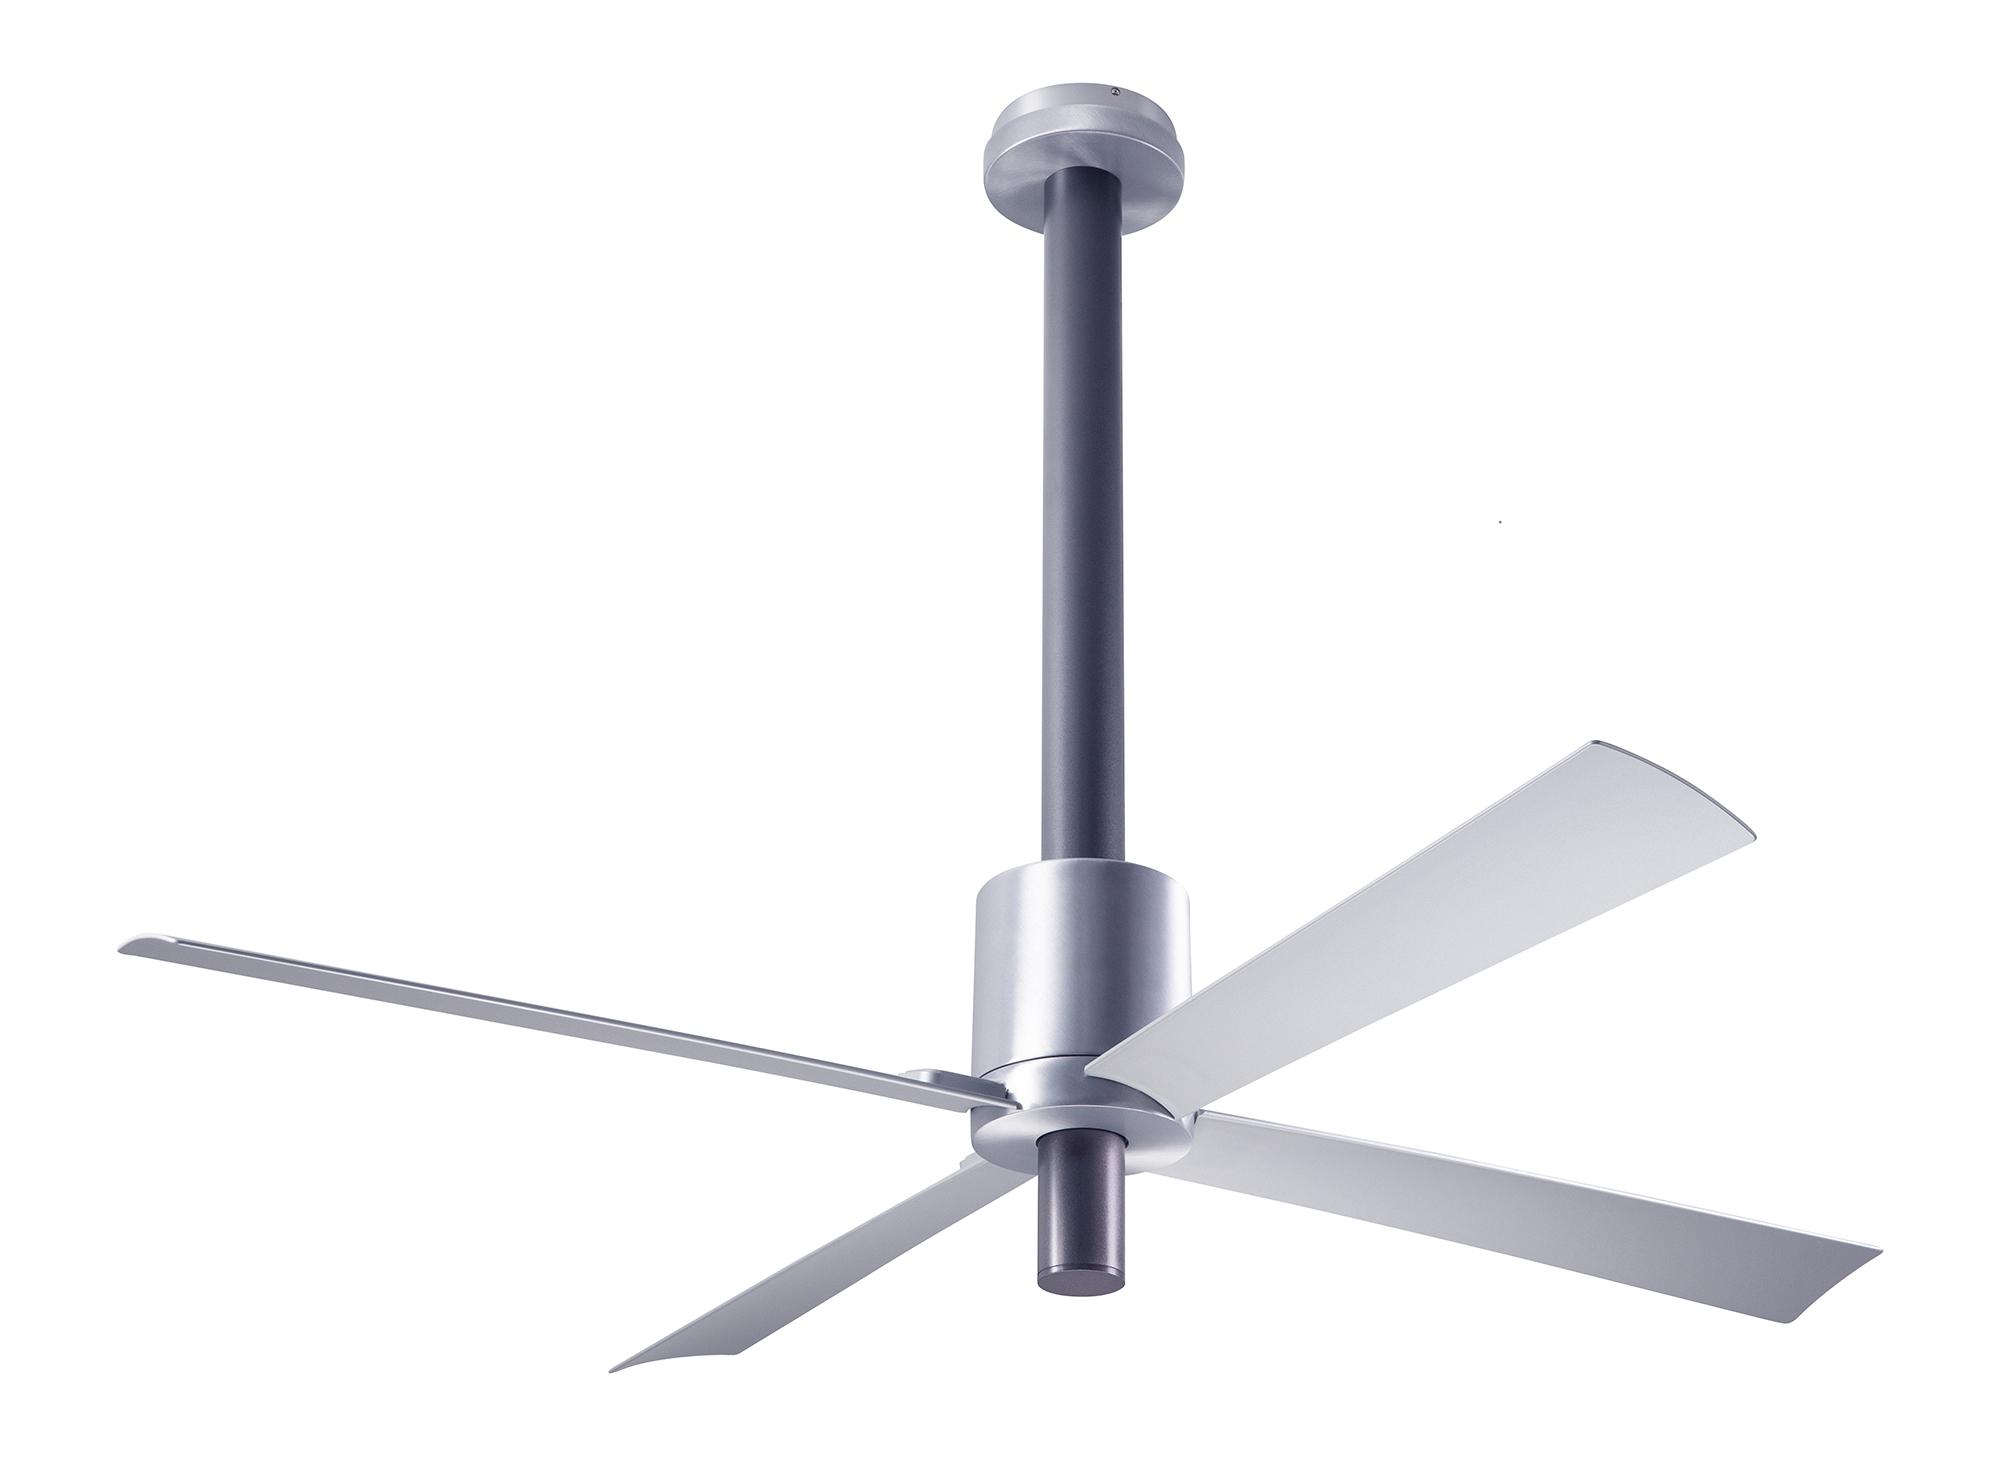 Pensi Dc Outdoor Ceiling Fan By Modern Fan Co Pen Aa 52 Al Nl Rc